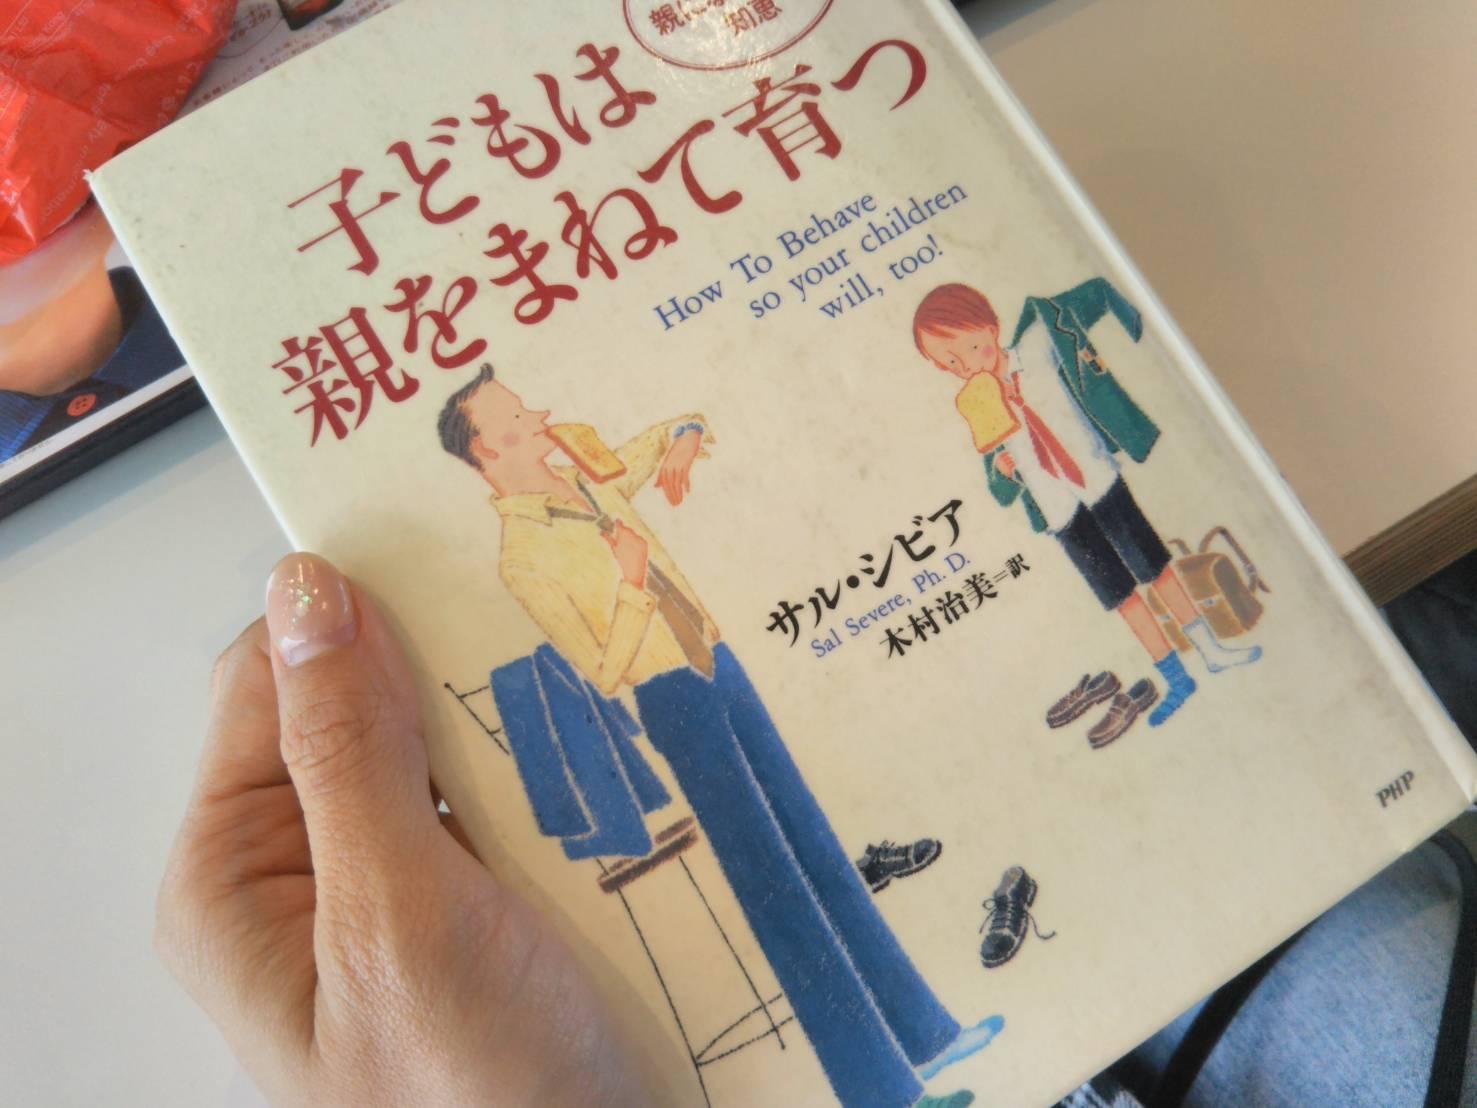 電子書籍のデメリット〜子どもに本好きになってほしいからキンドルは使っていません